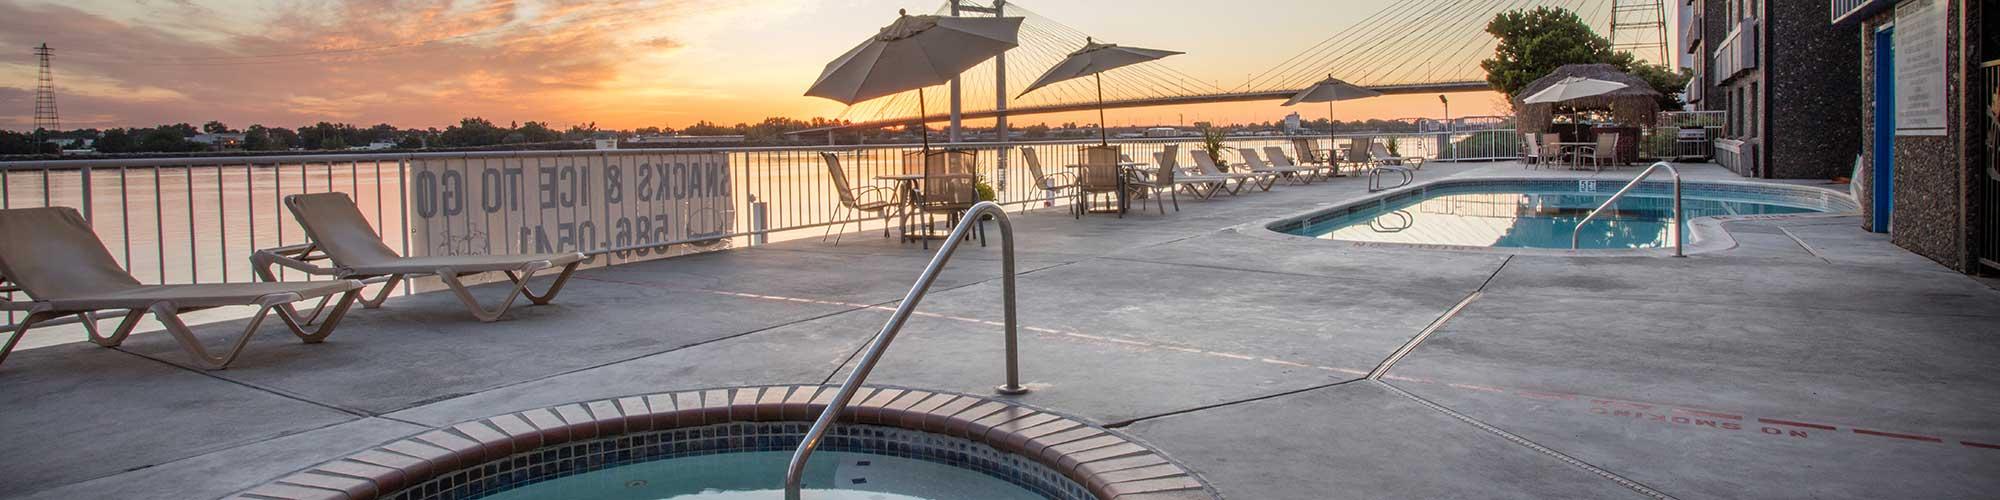 Clover Island Inn hot tub